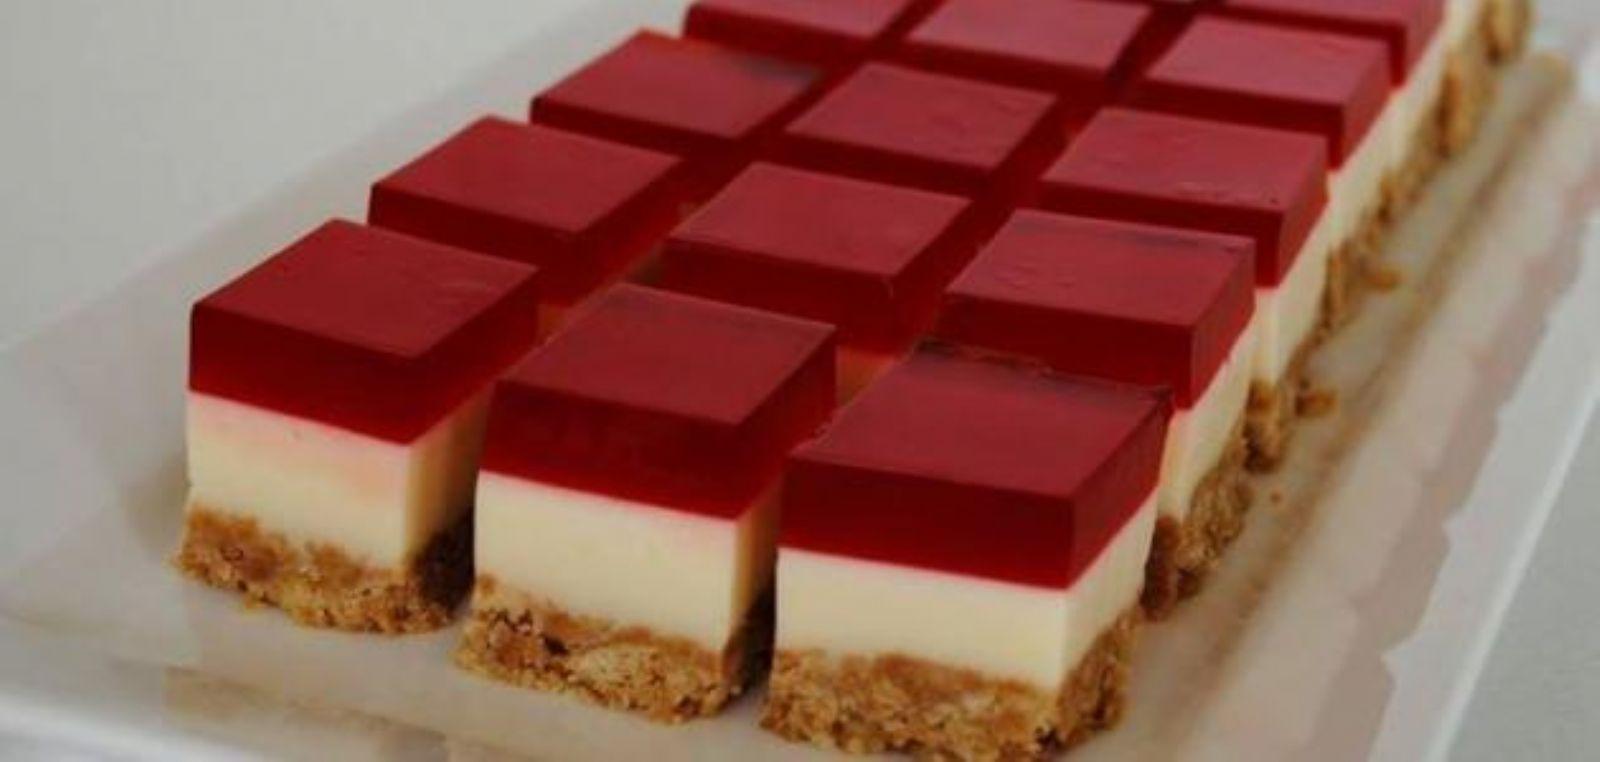 صور طريقة عمل حلى سهل بالبسكويت , ابسط طريقة بالمنزل لعمل حلويات بالبسكوت